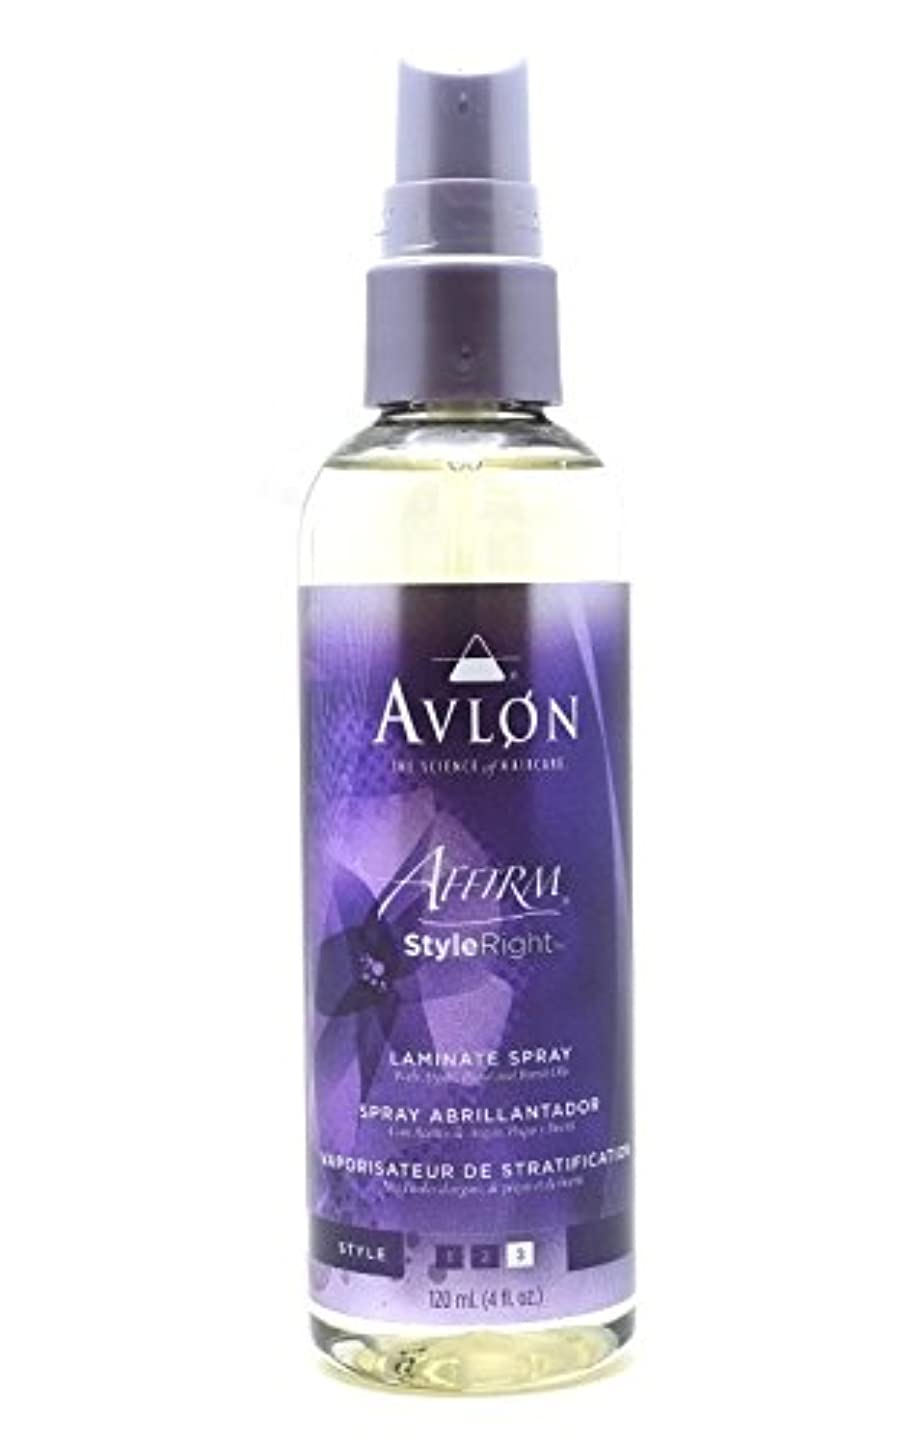 解明優れましたブレークAvlon Hair Care アバロンアファームスタイル右ラミネートスプレー - 4.0オンス 4オンス